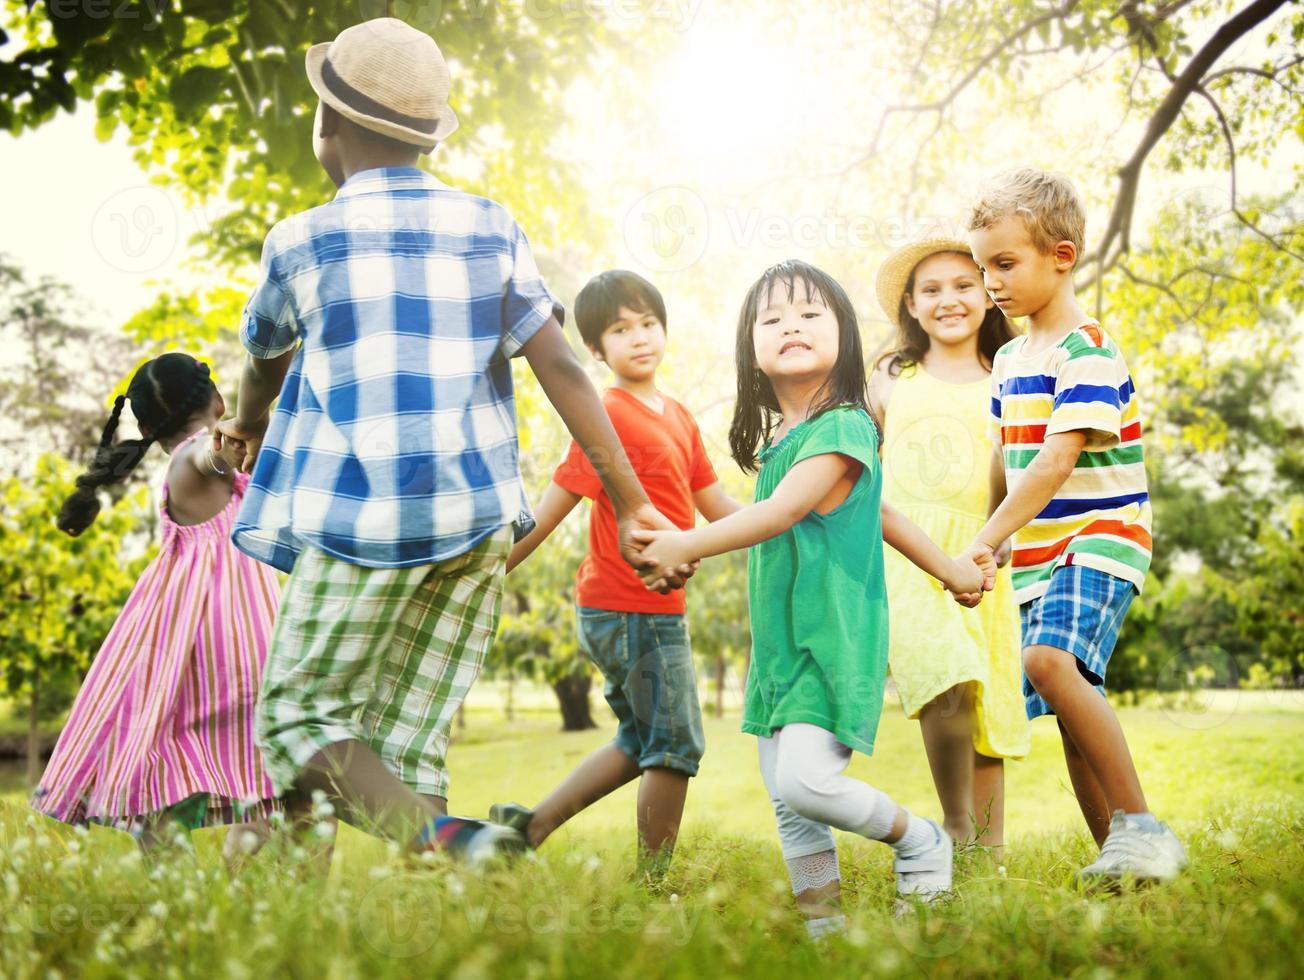 enfants amitié convivialité jeu bonheur concept photo